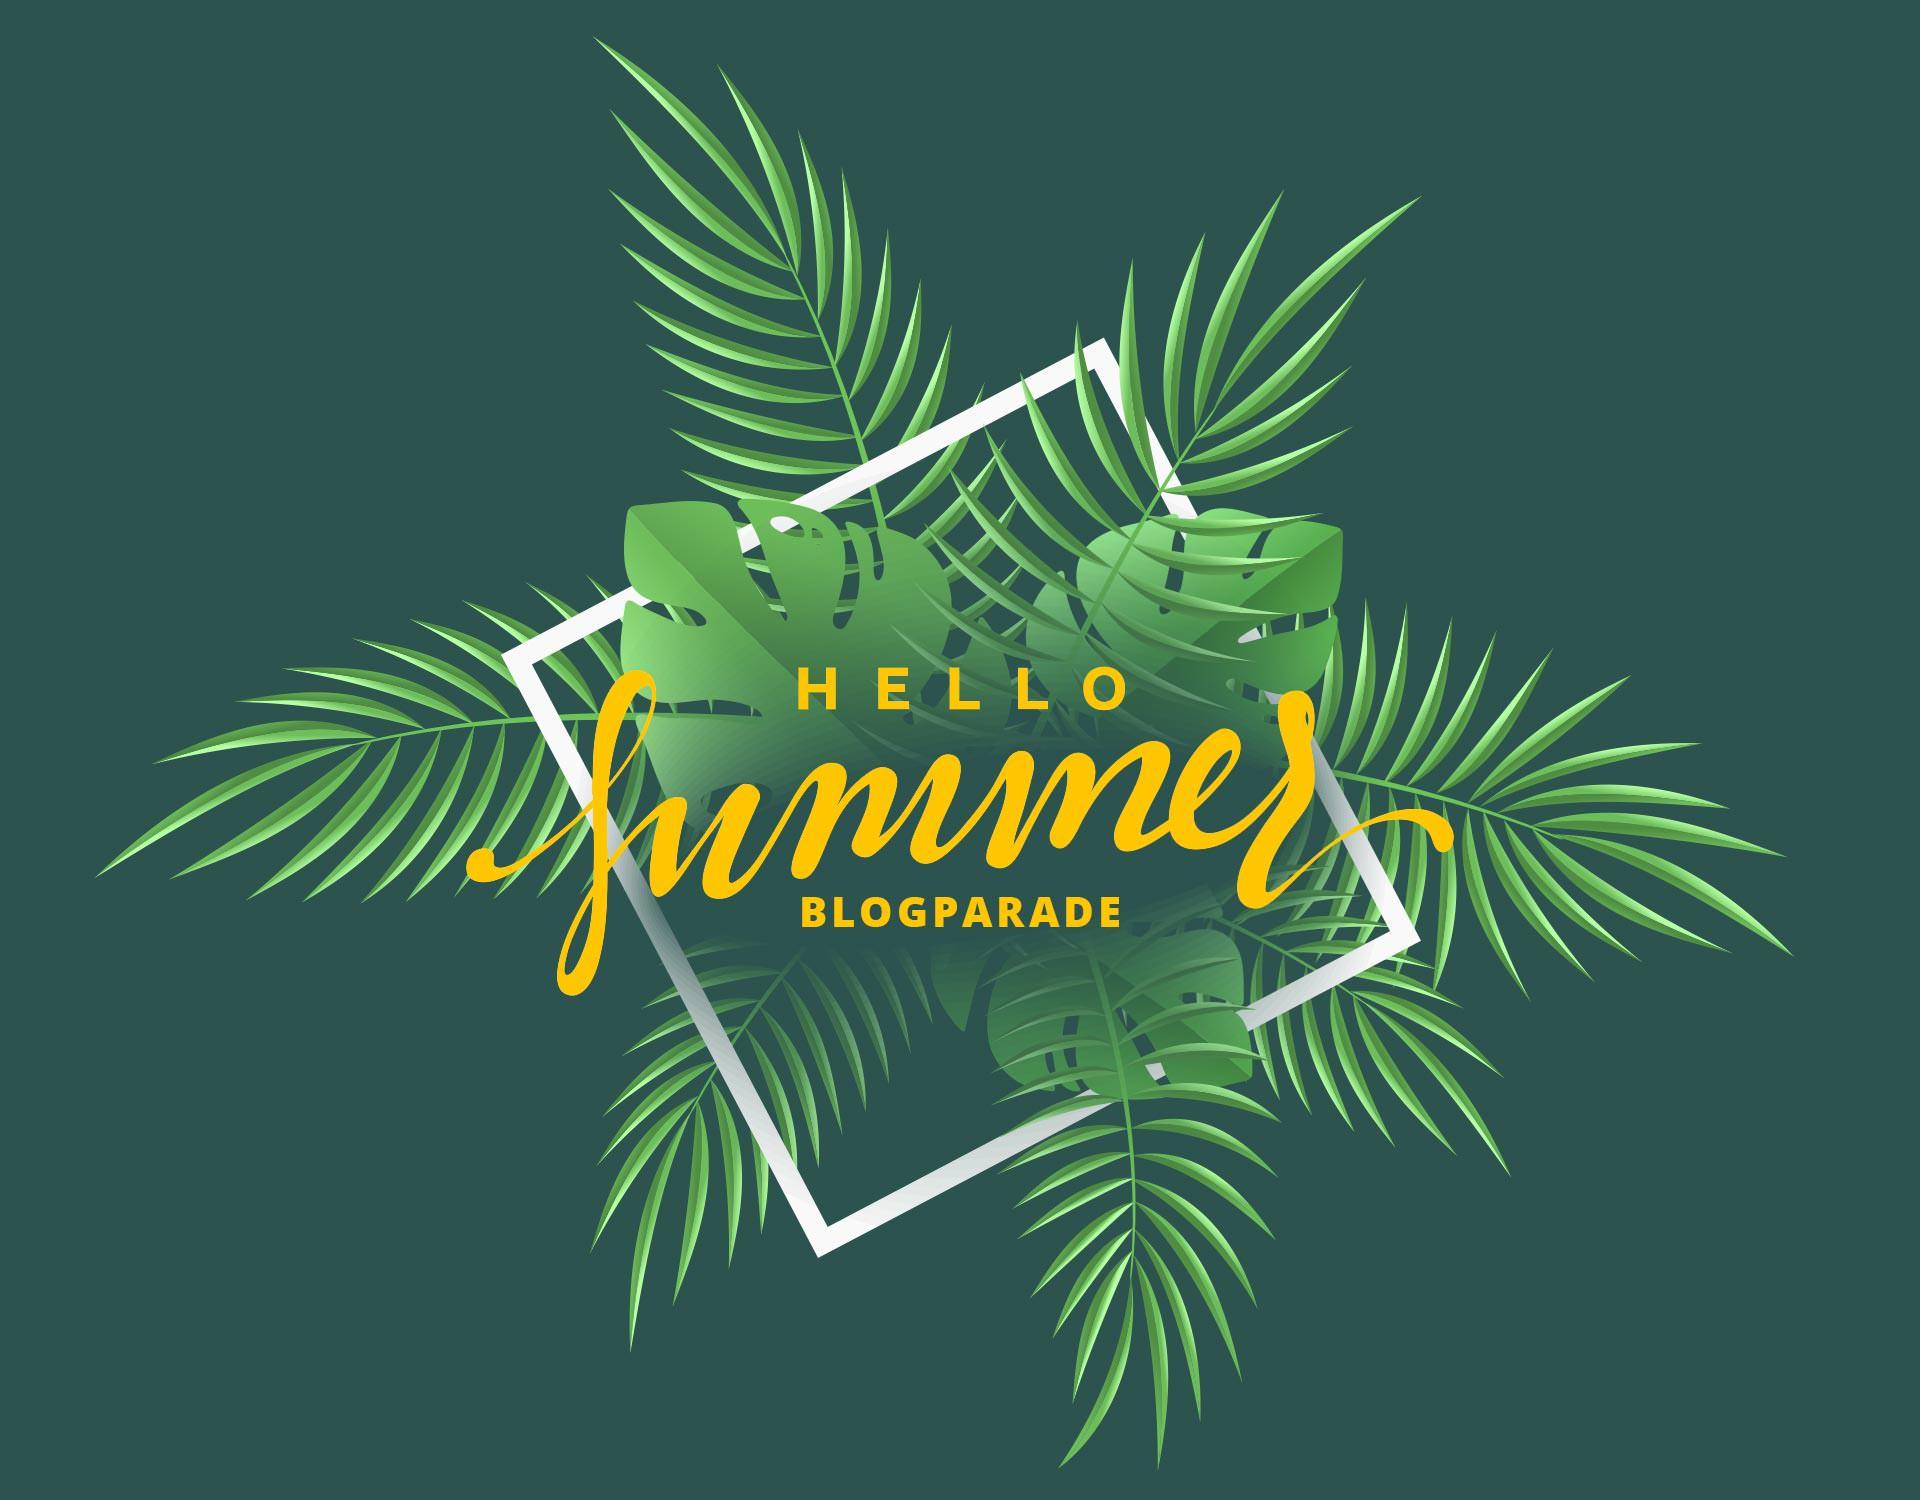 enthält Werbung ohne Auftrag, Sommer Outfits Lookbook, Outfits für den Sommer Urlaub, Sommermode 2018, Sommer Outfit Ideen und Styling Tipps, Modeblogger, www.whoismocca.com